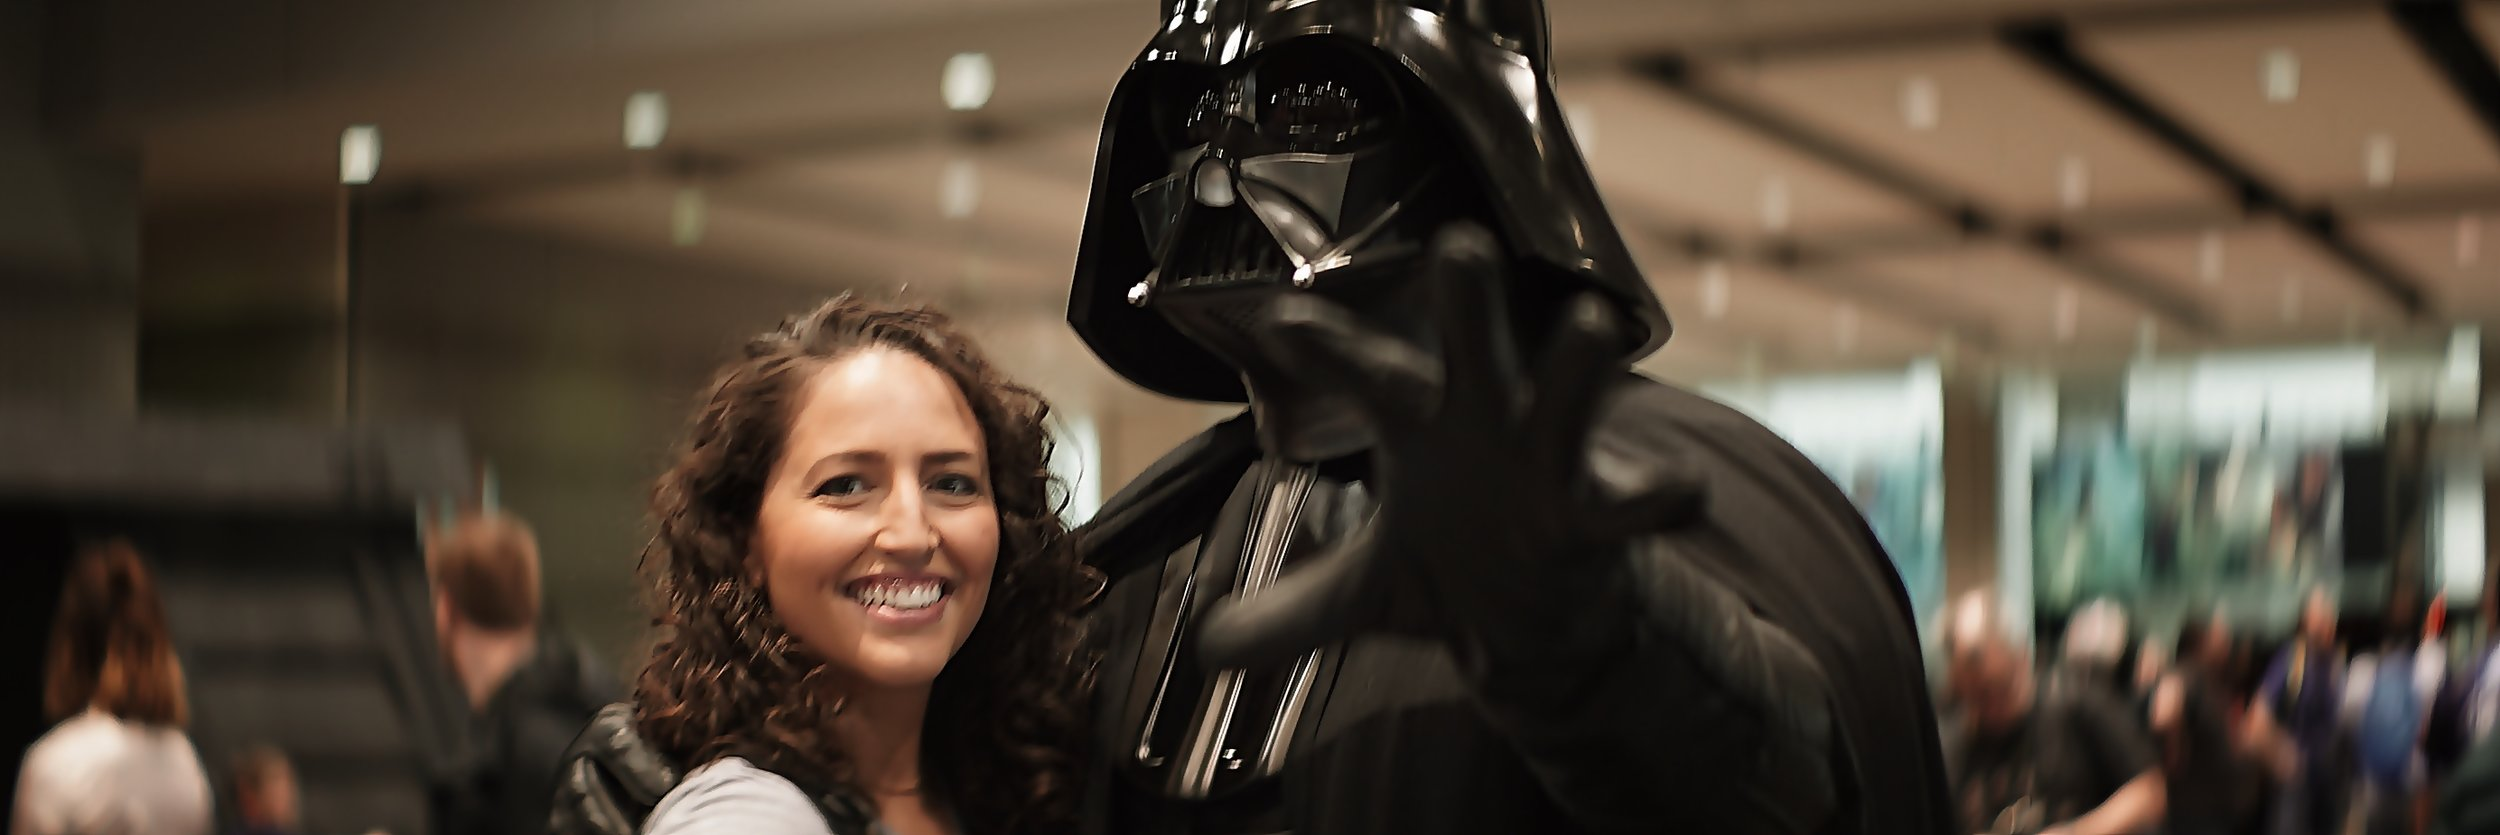 Olivia & Darth Vader